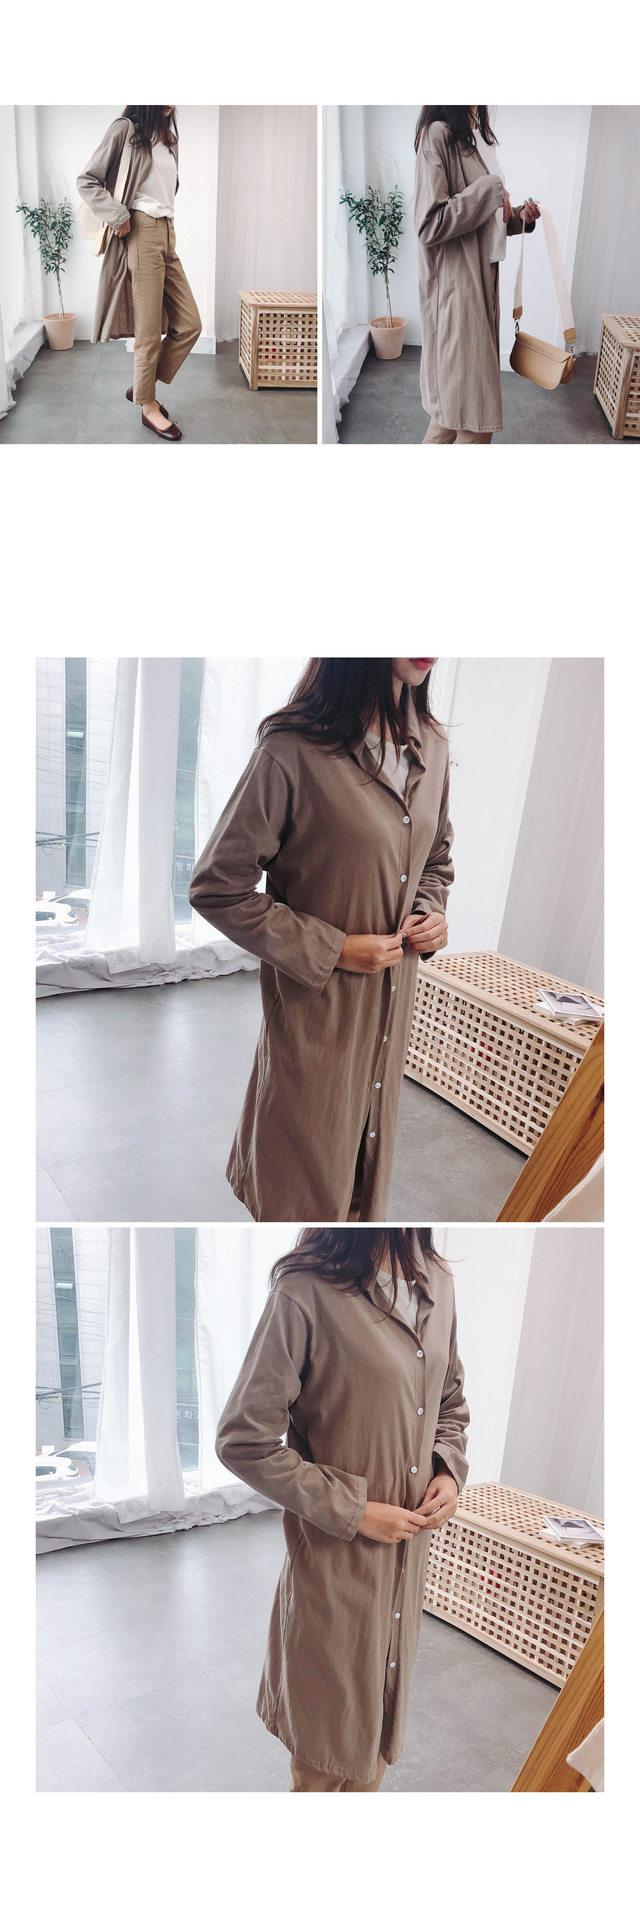 V-neck lien long shirt & dress